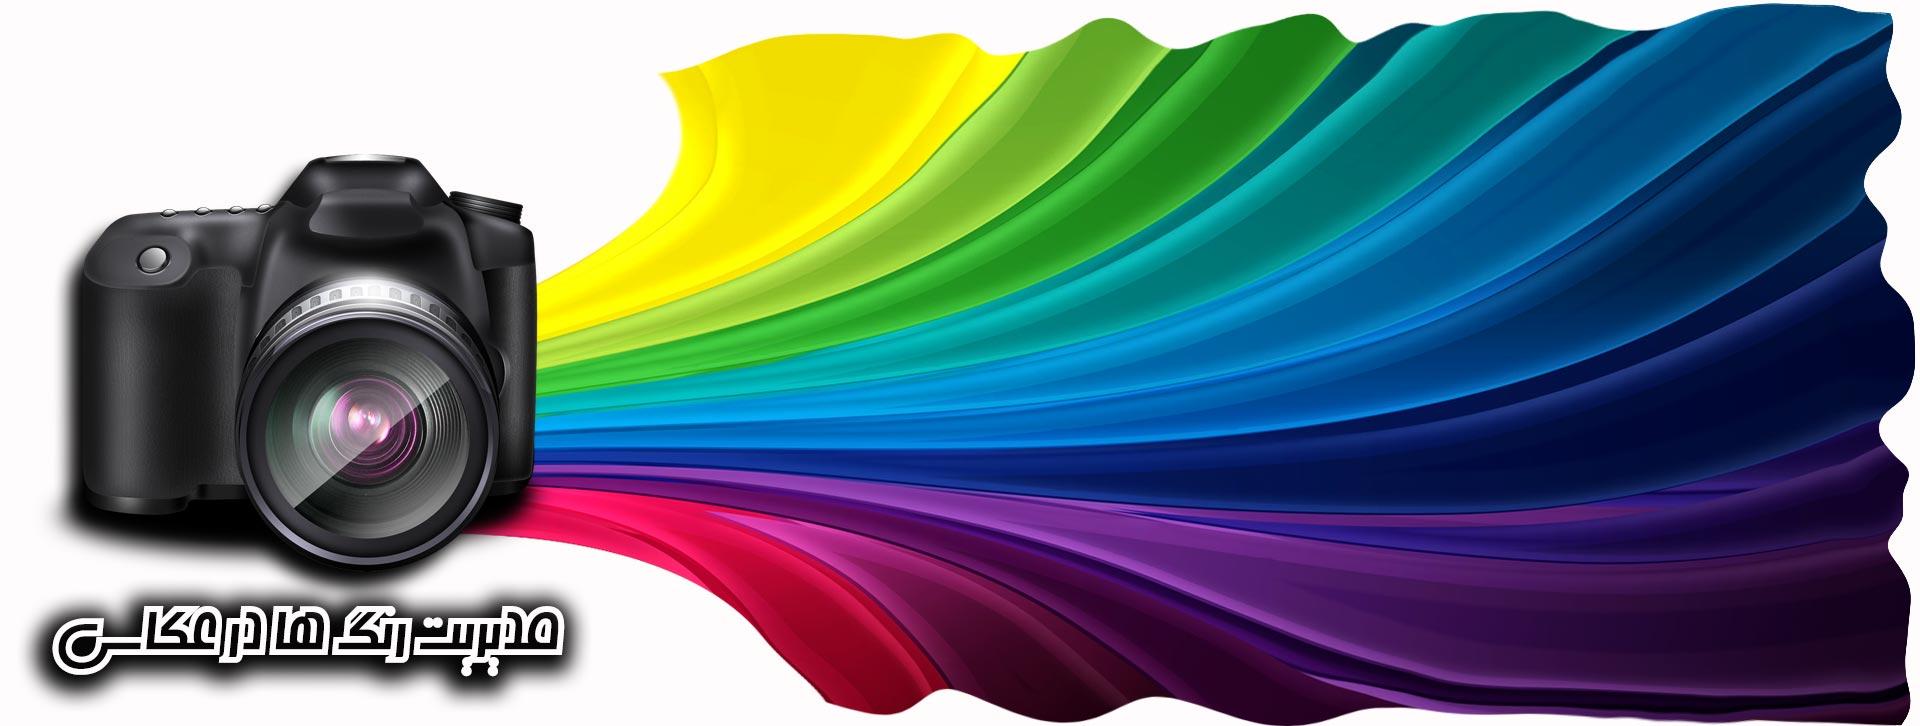 akaci rang sar - مدیریت رنگ ها در عکاسی می تواند ساده باشد